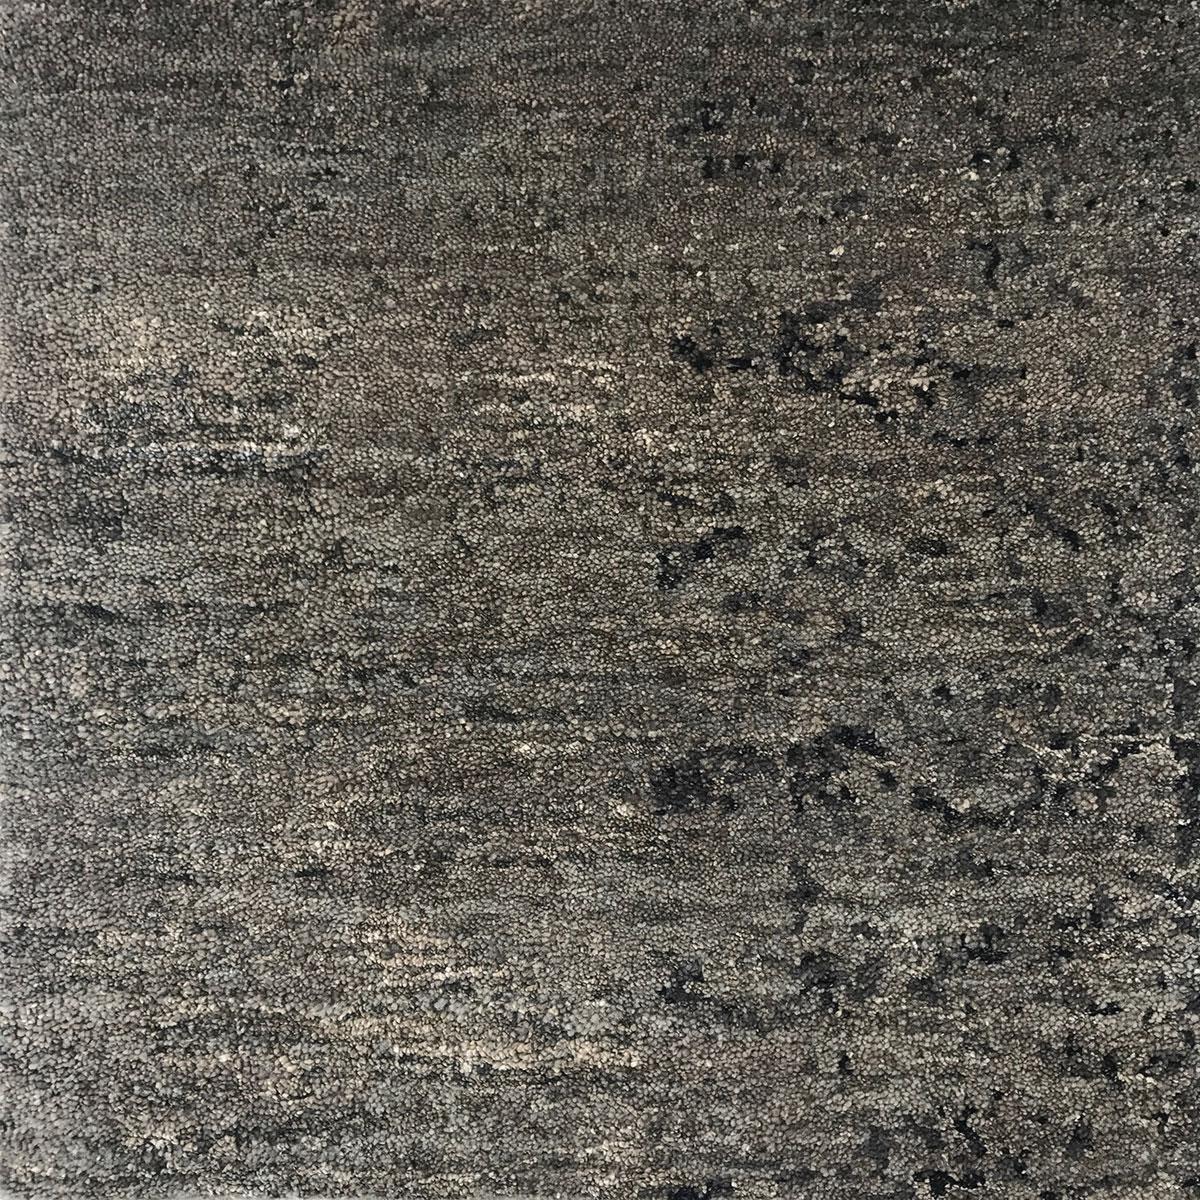 barnala-aliyah-lead-custom-area-rug.jpg